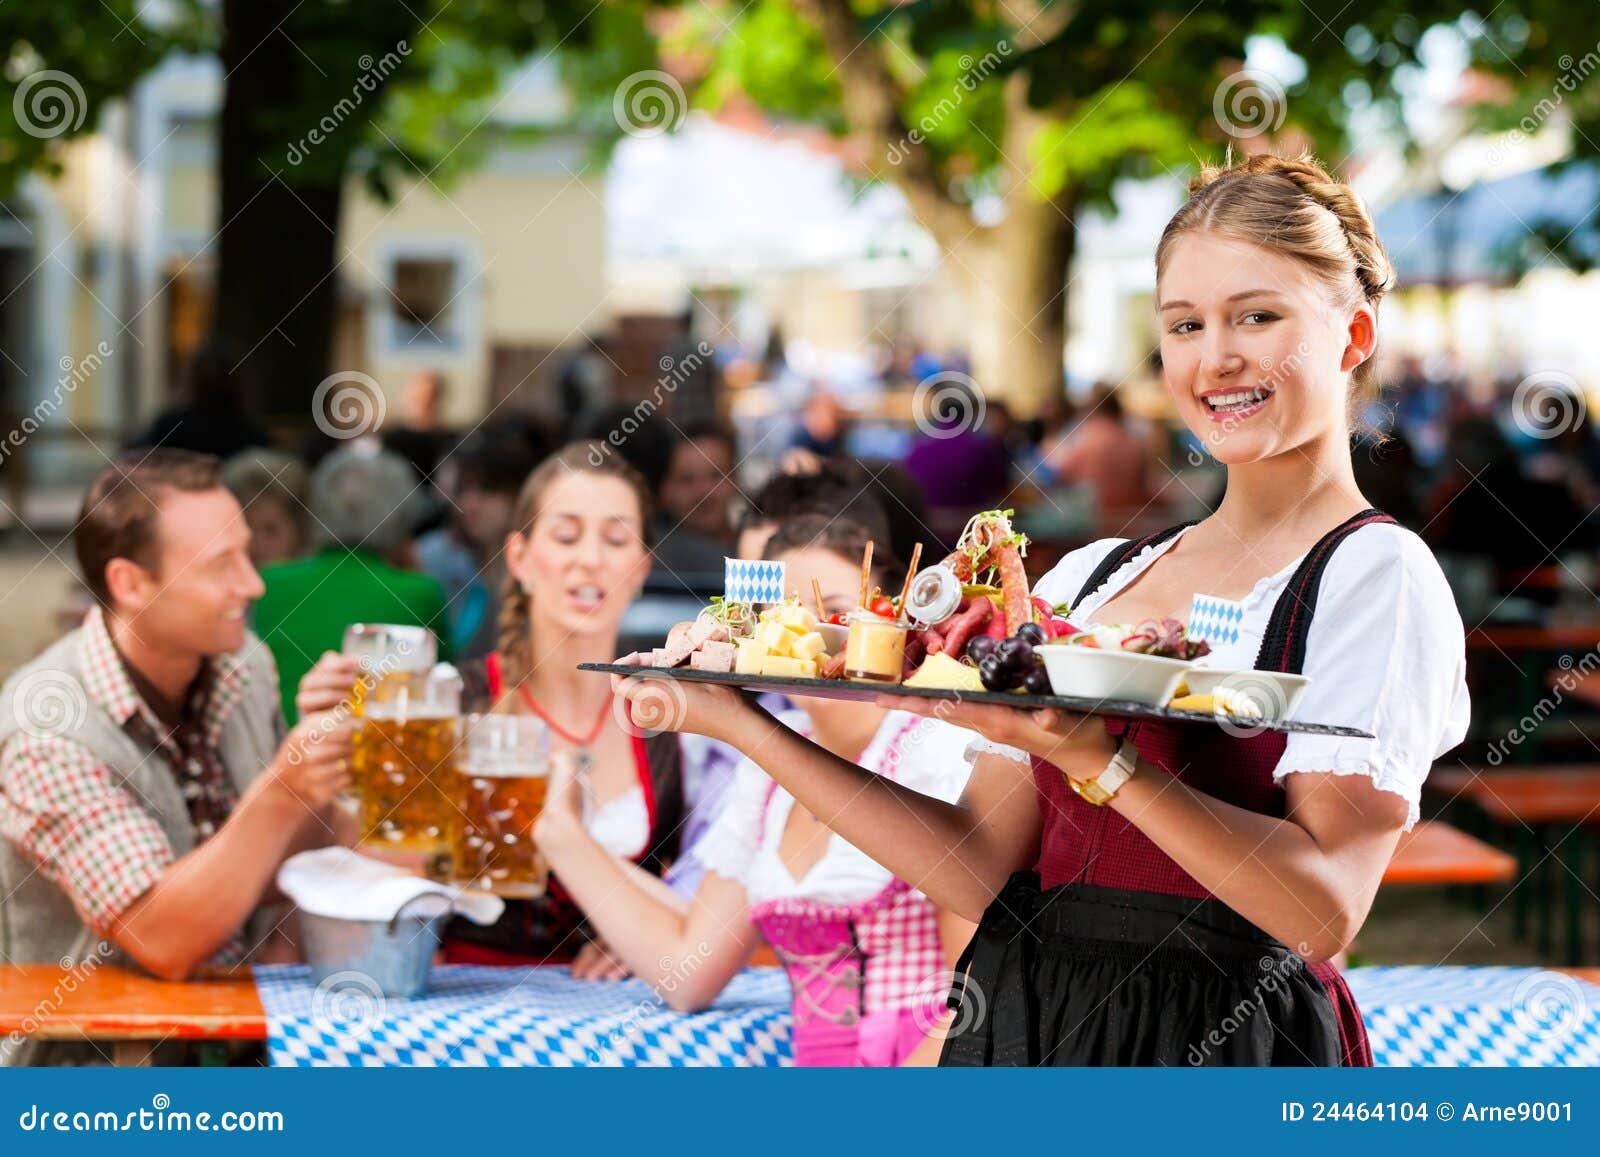 Restaurante del jardín de la cerveza - cerveza y bocados